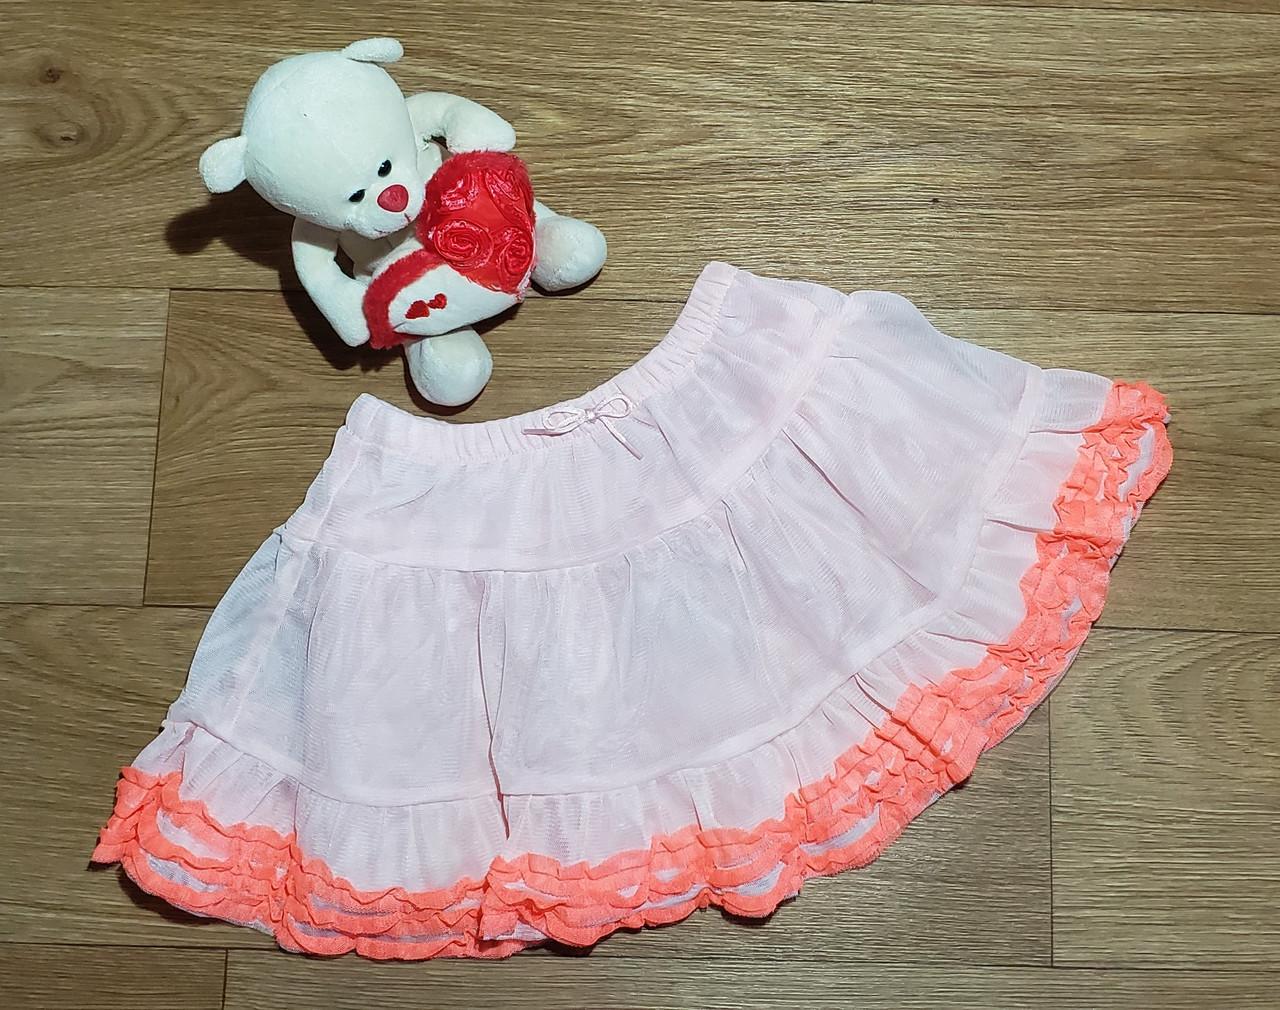 Нарядная пышная фатиновая юбка с рюшами Crazy8 (США) (Размер 5Т)